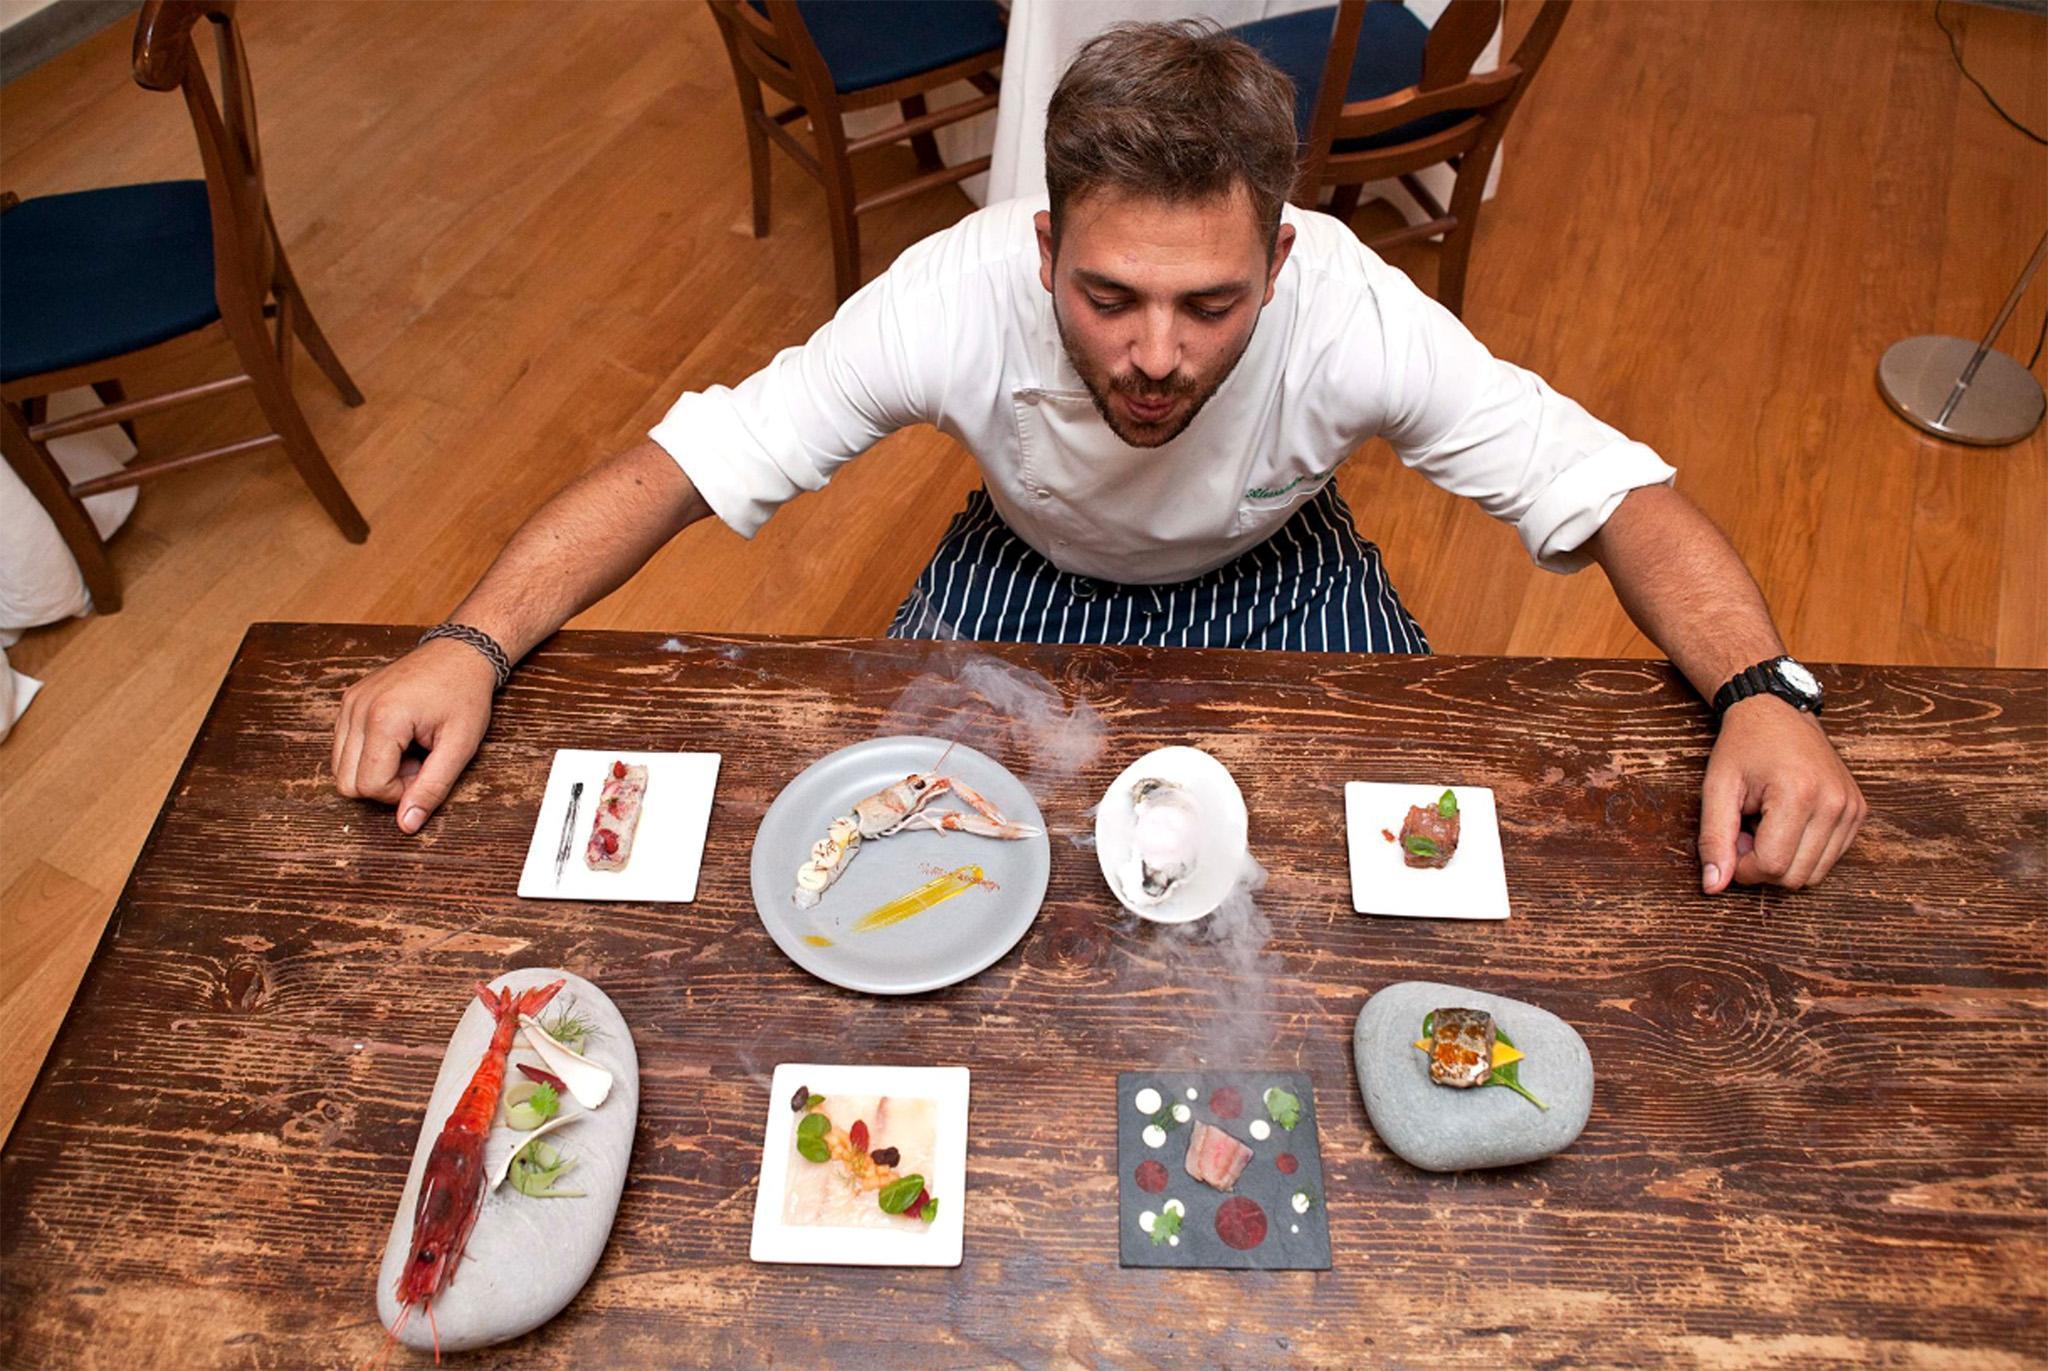 Incidente mortale a Roma, una delle vittime è giovane chef